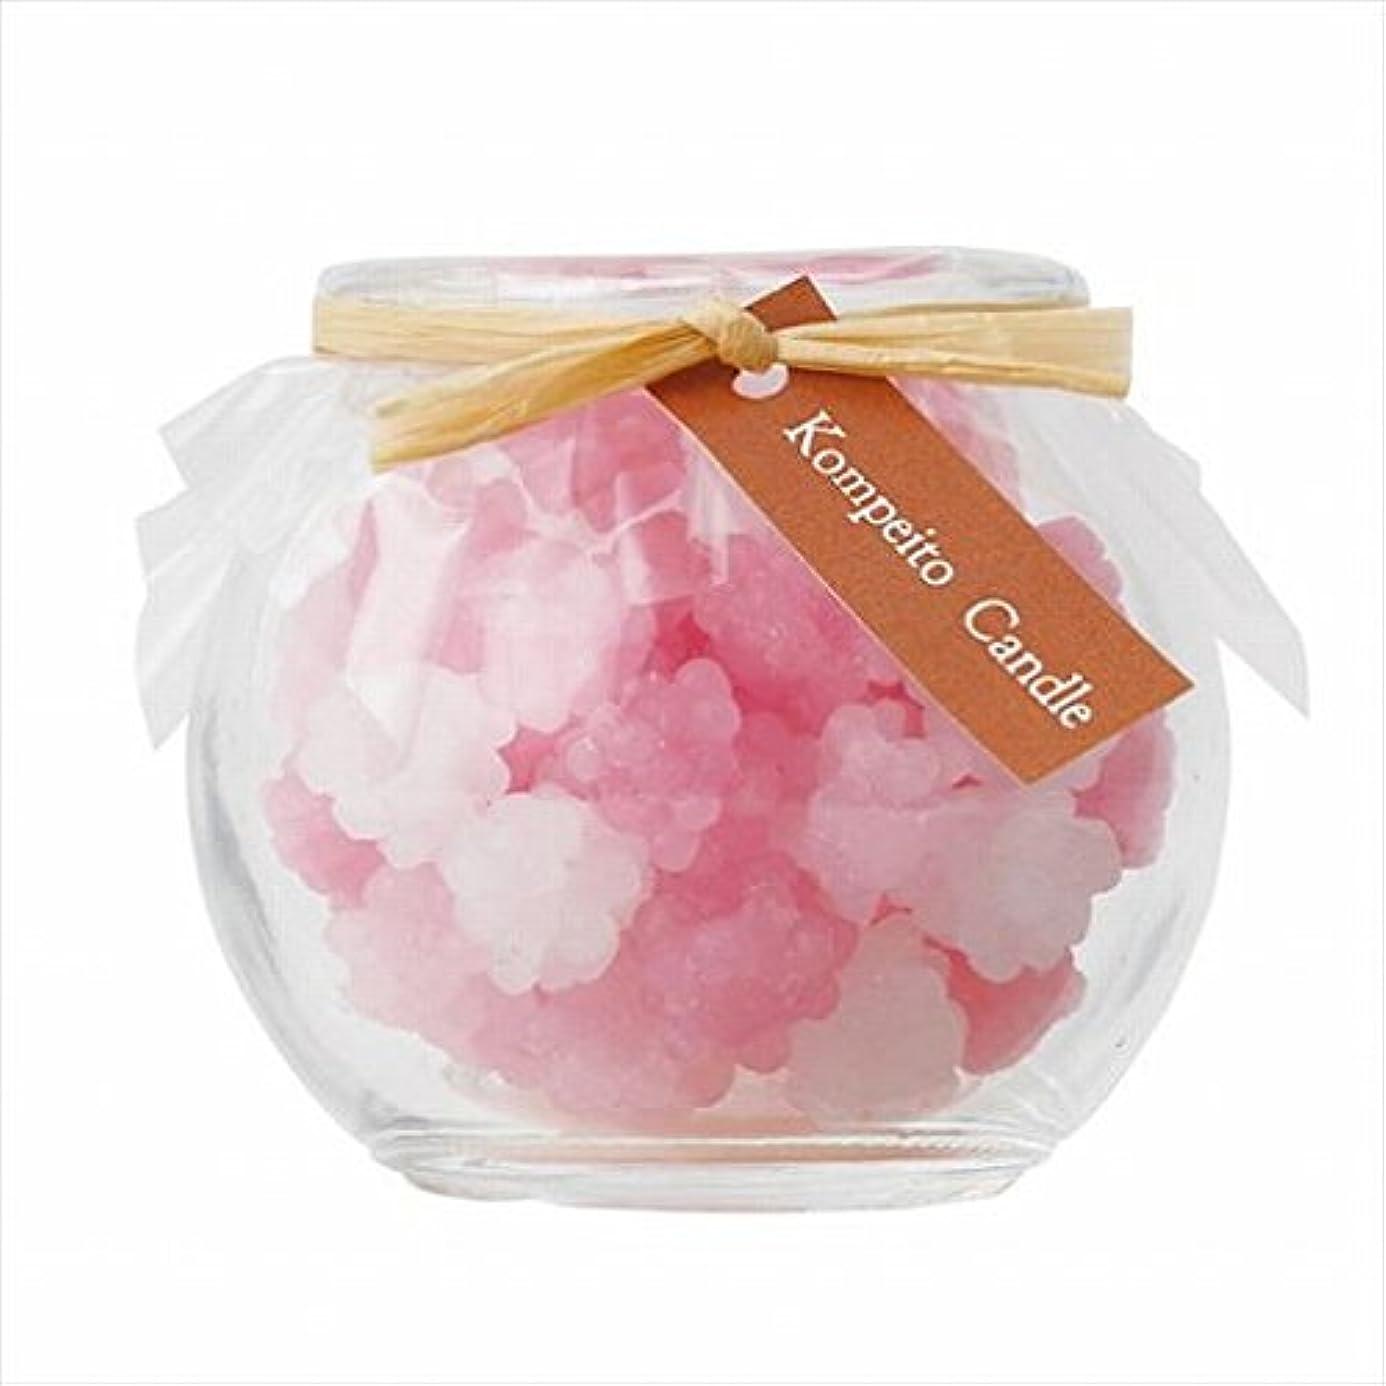 スイーツキャンドル( sweets candle ) こんぺいとう 「 ピンク 」 キャンドル